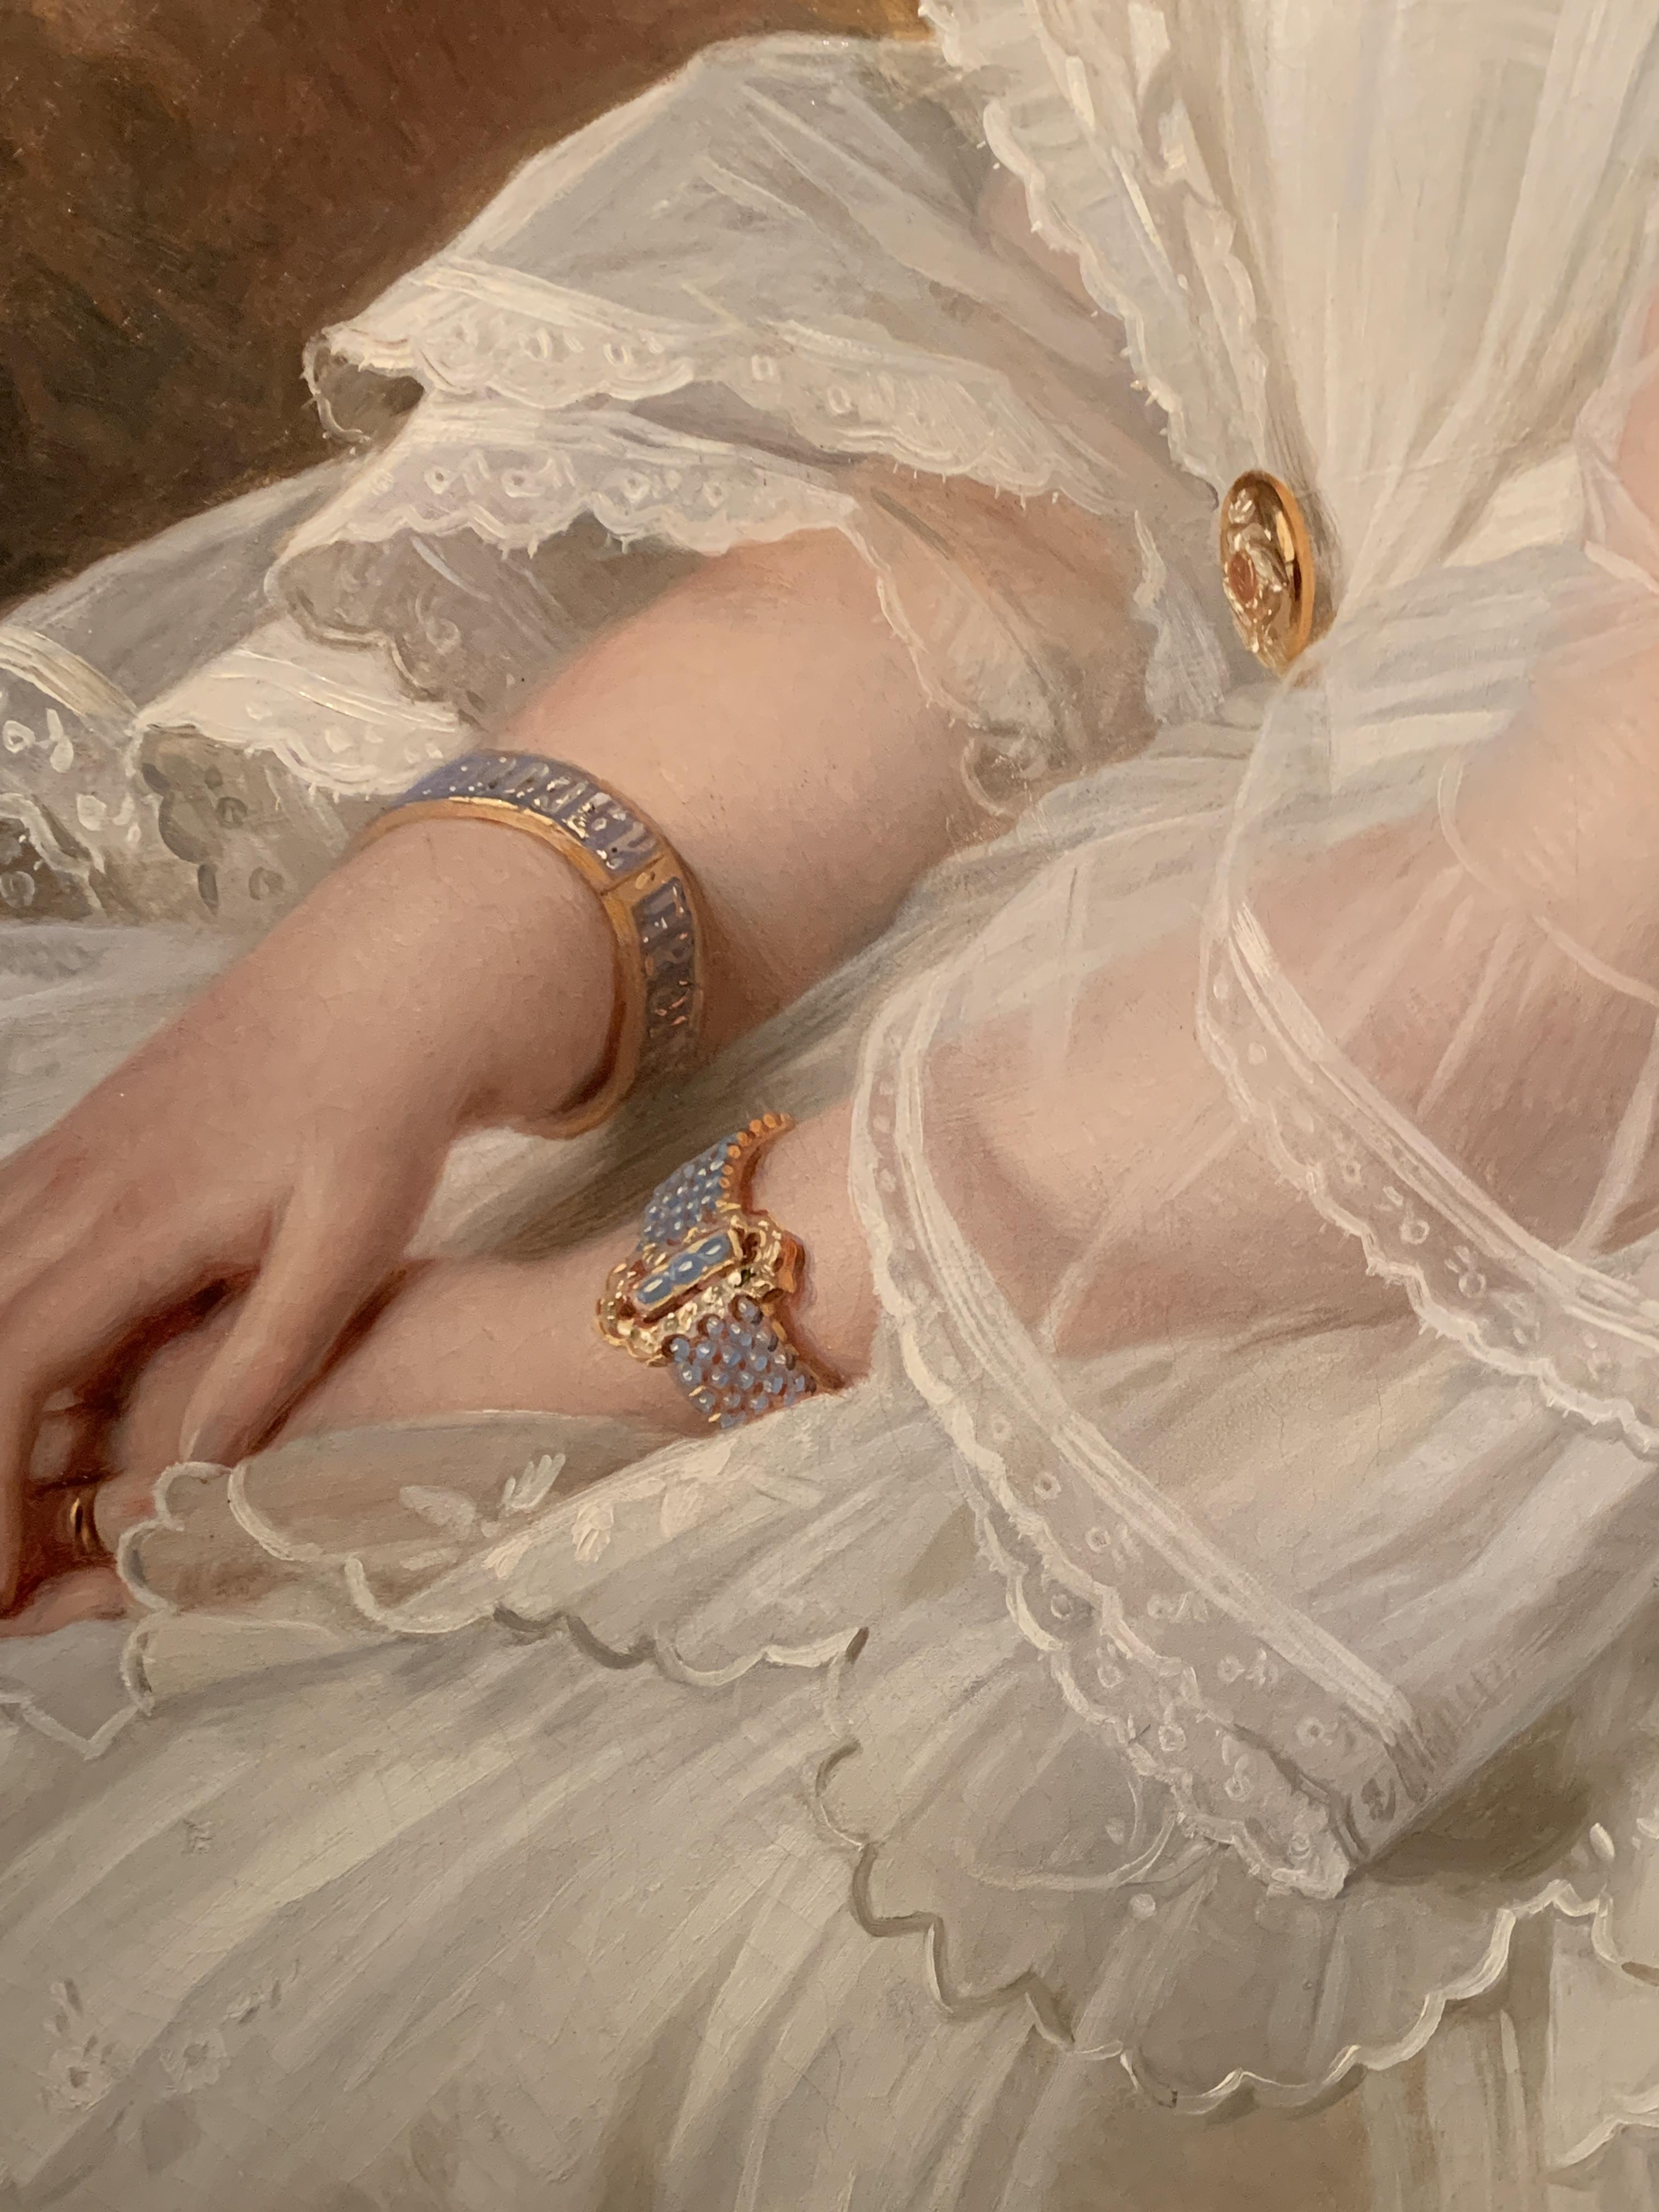 Juwelen! Hermitage Amsterdam, 2019. Richard Lauchert, Olga Fjodorovna, schilderij, 1857, detail. Foto met dank aan SAF, Astrid Berens©